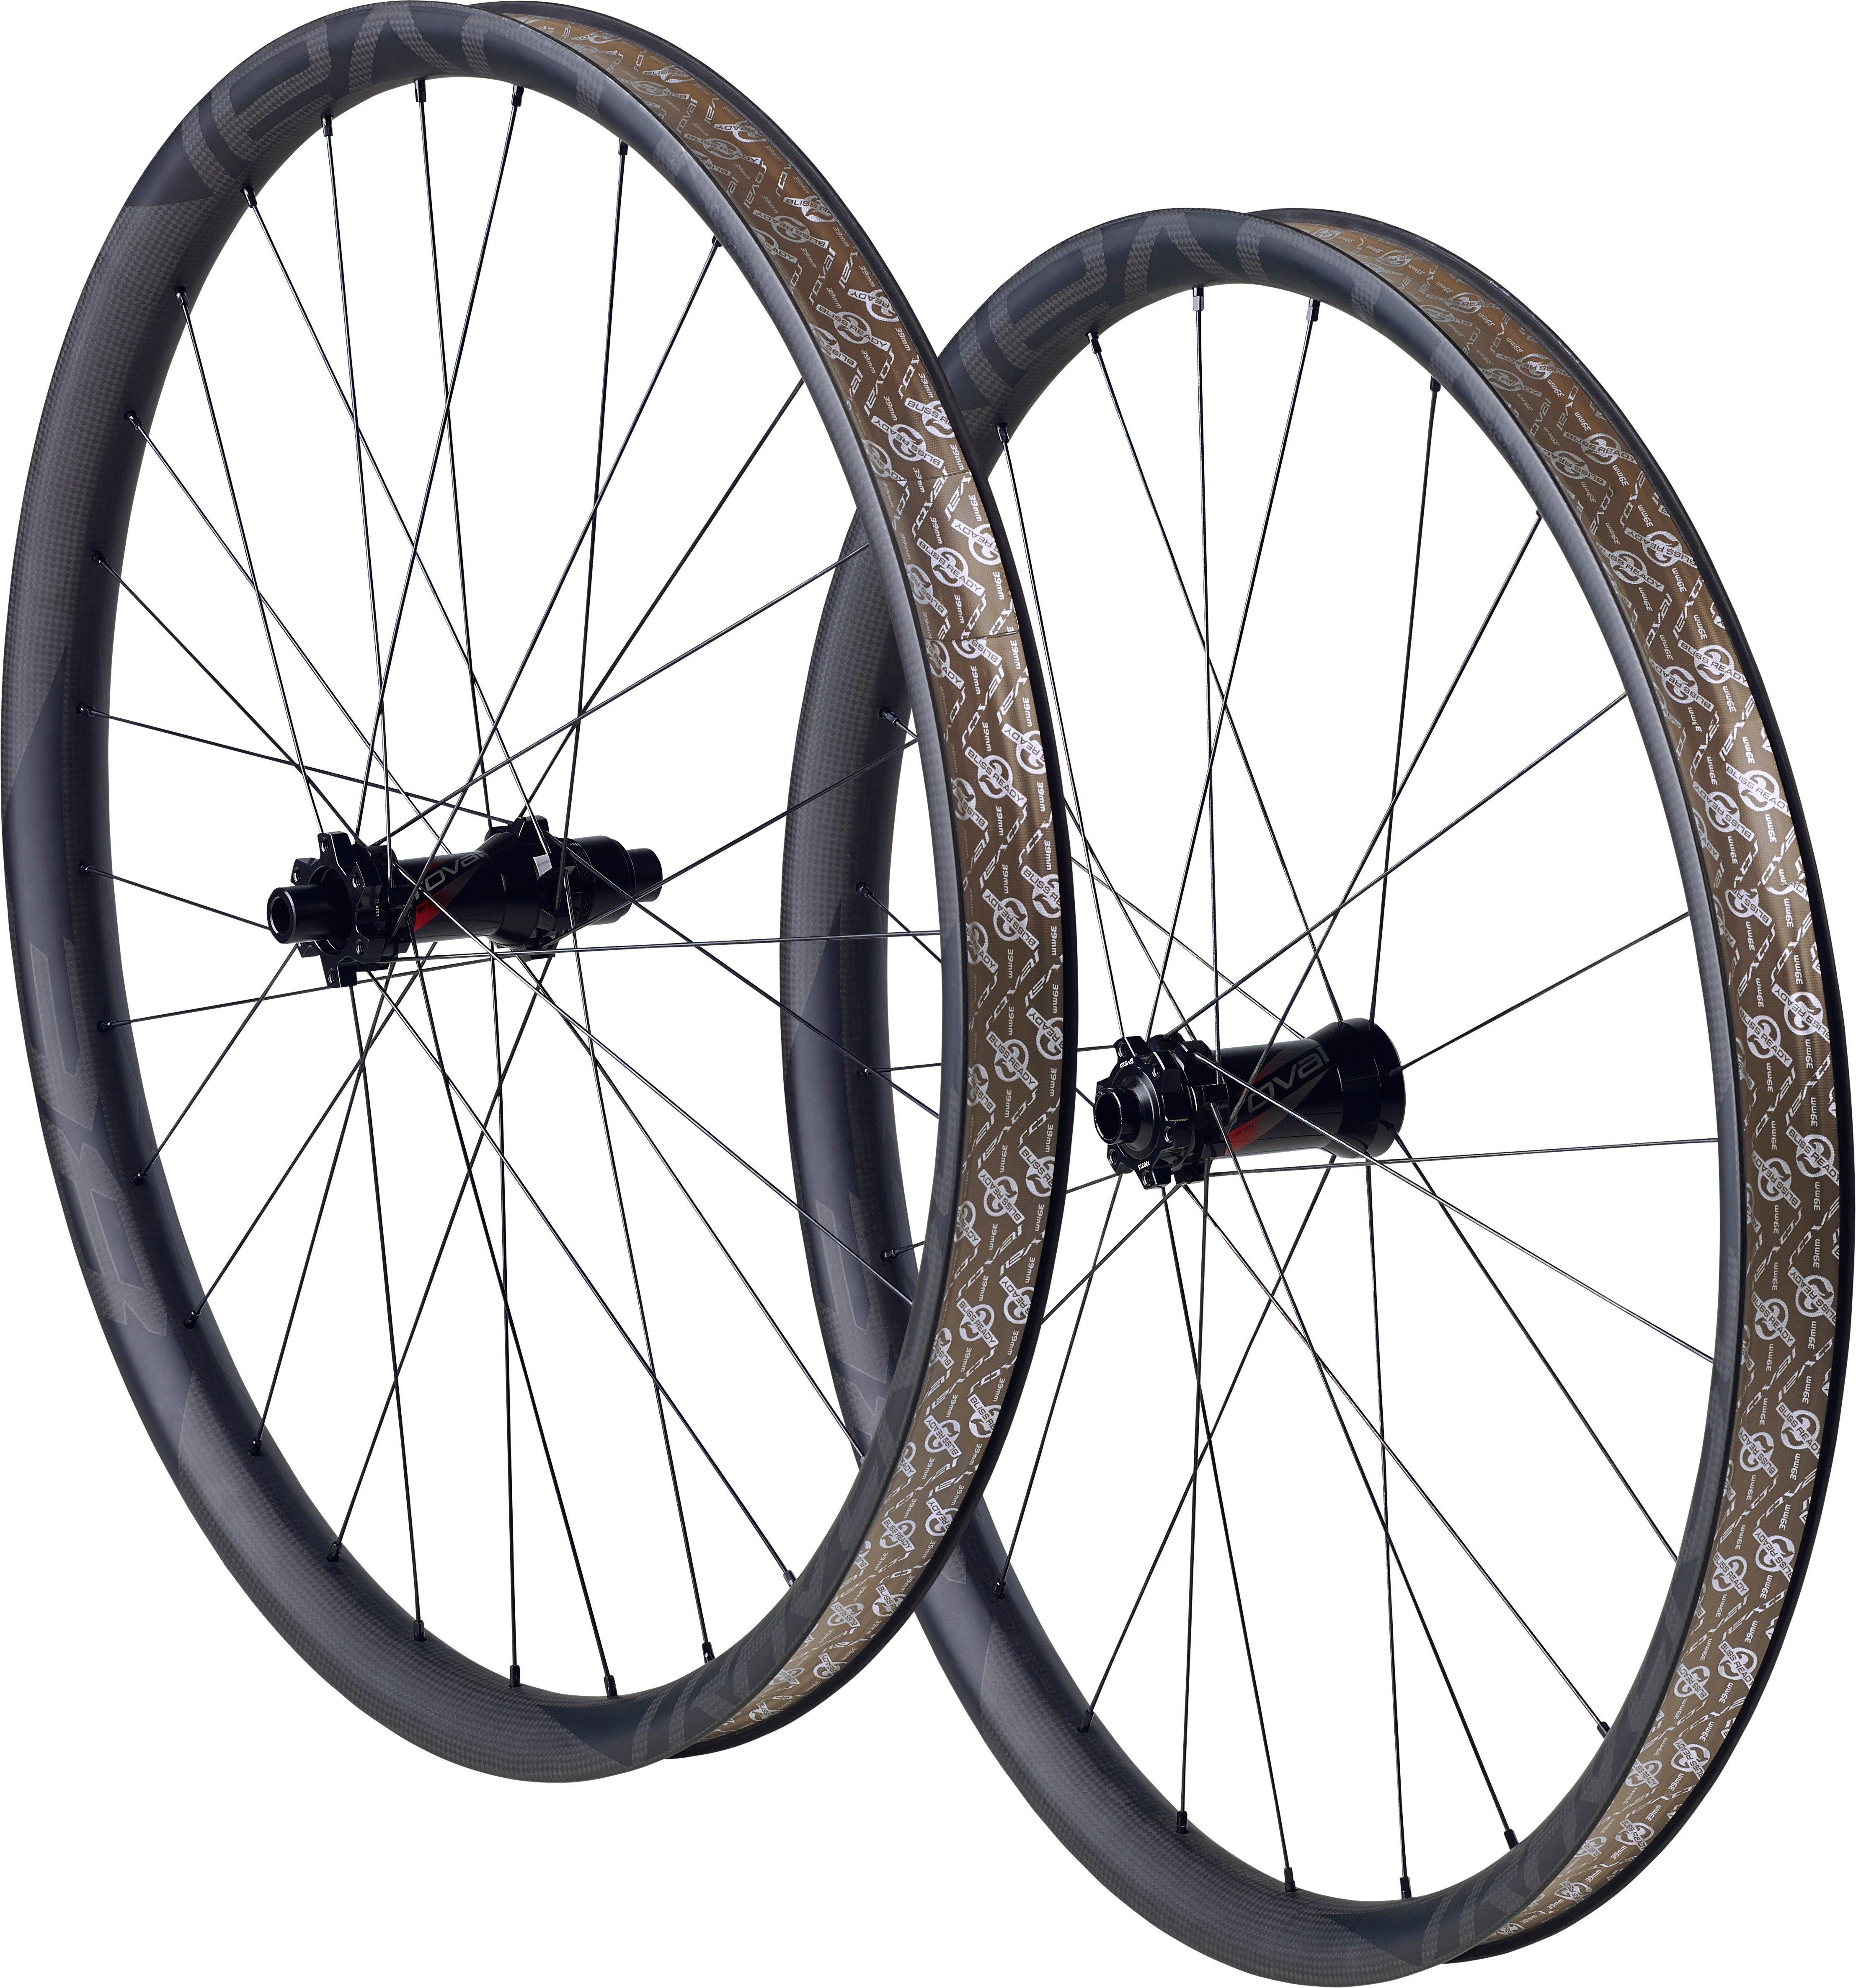 Roval Traverse SL Fattie 27.5 Inch 148mm 2017 Mountain Bike Wheelset | Wheelset